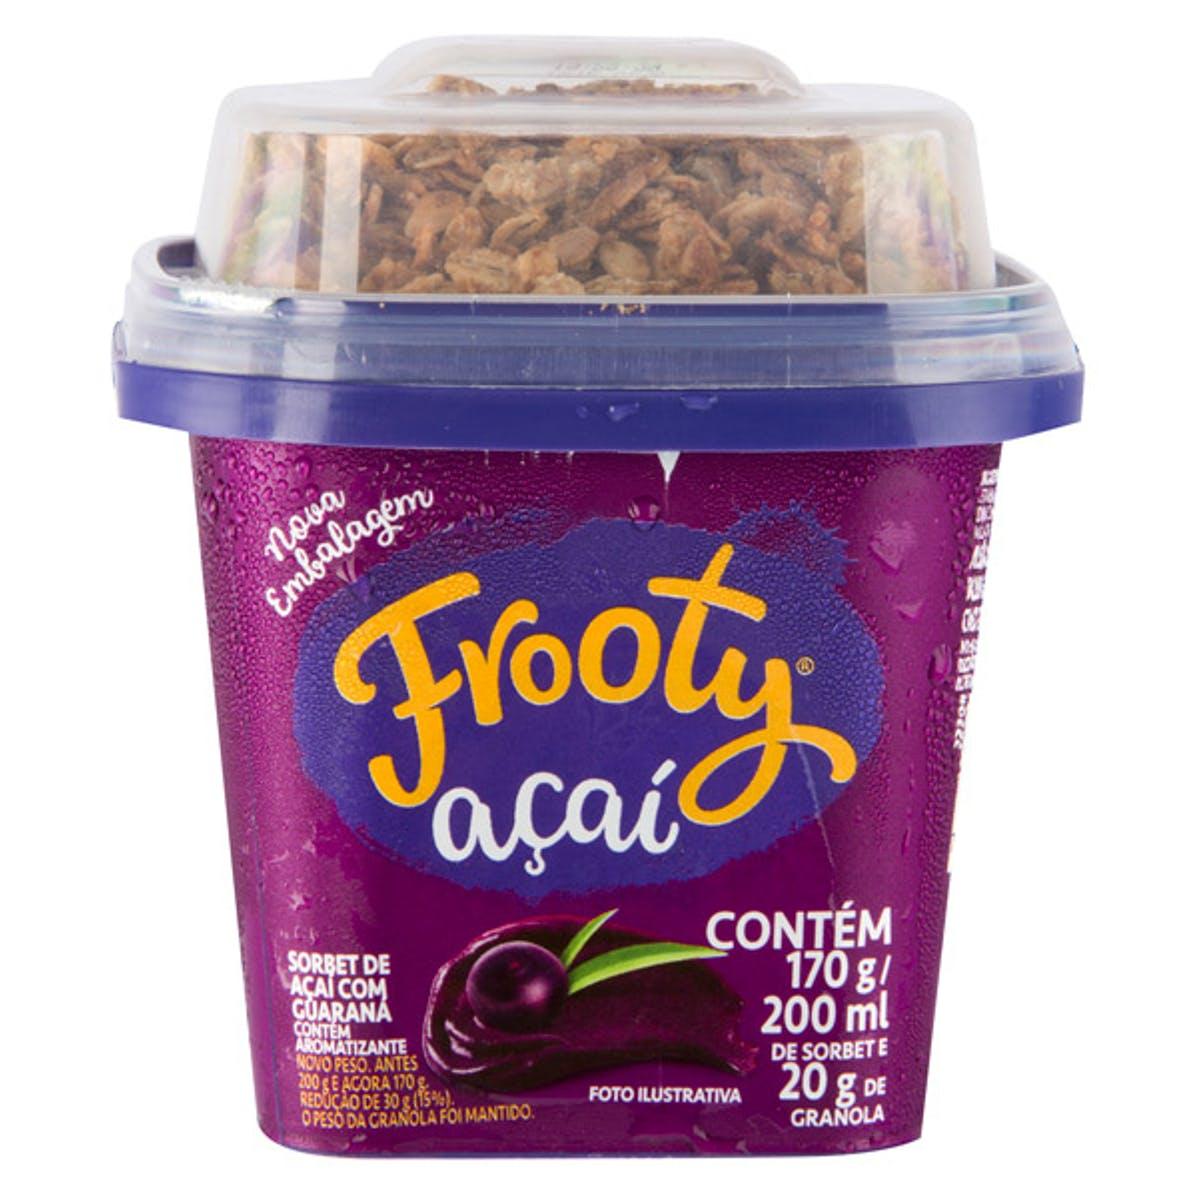 Açai Frooty Original com Granola 200ml